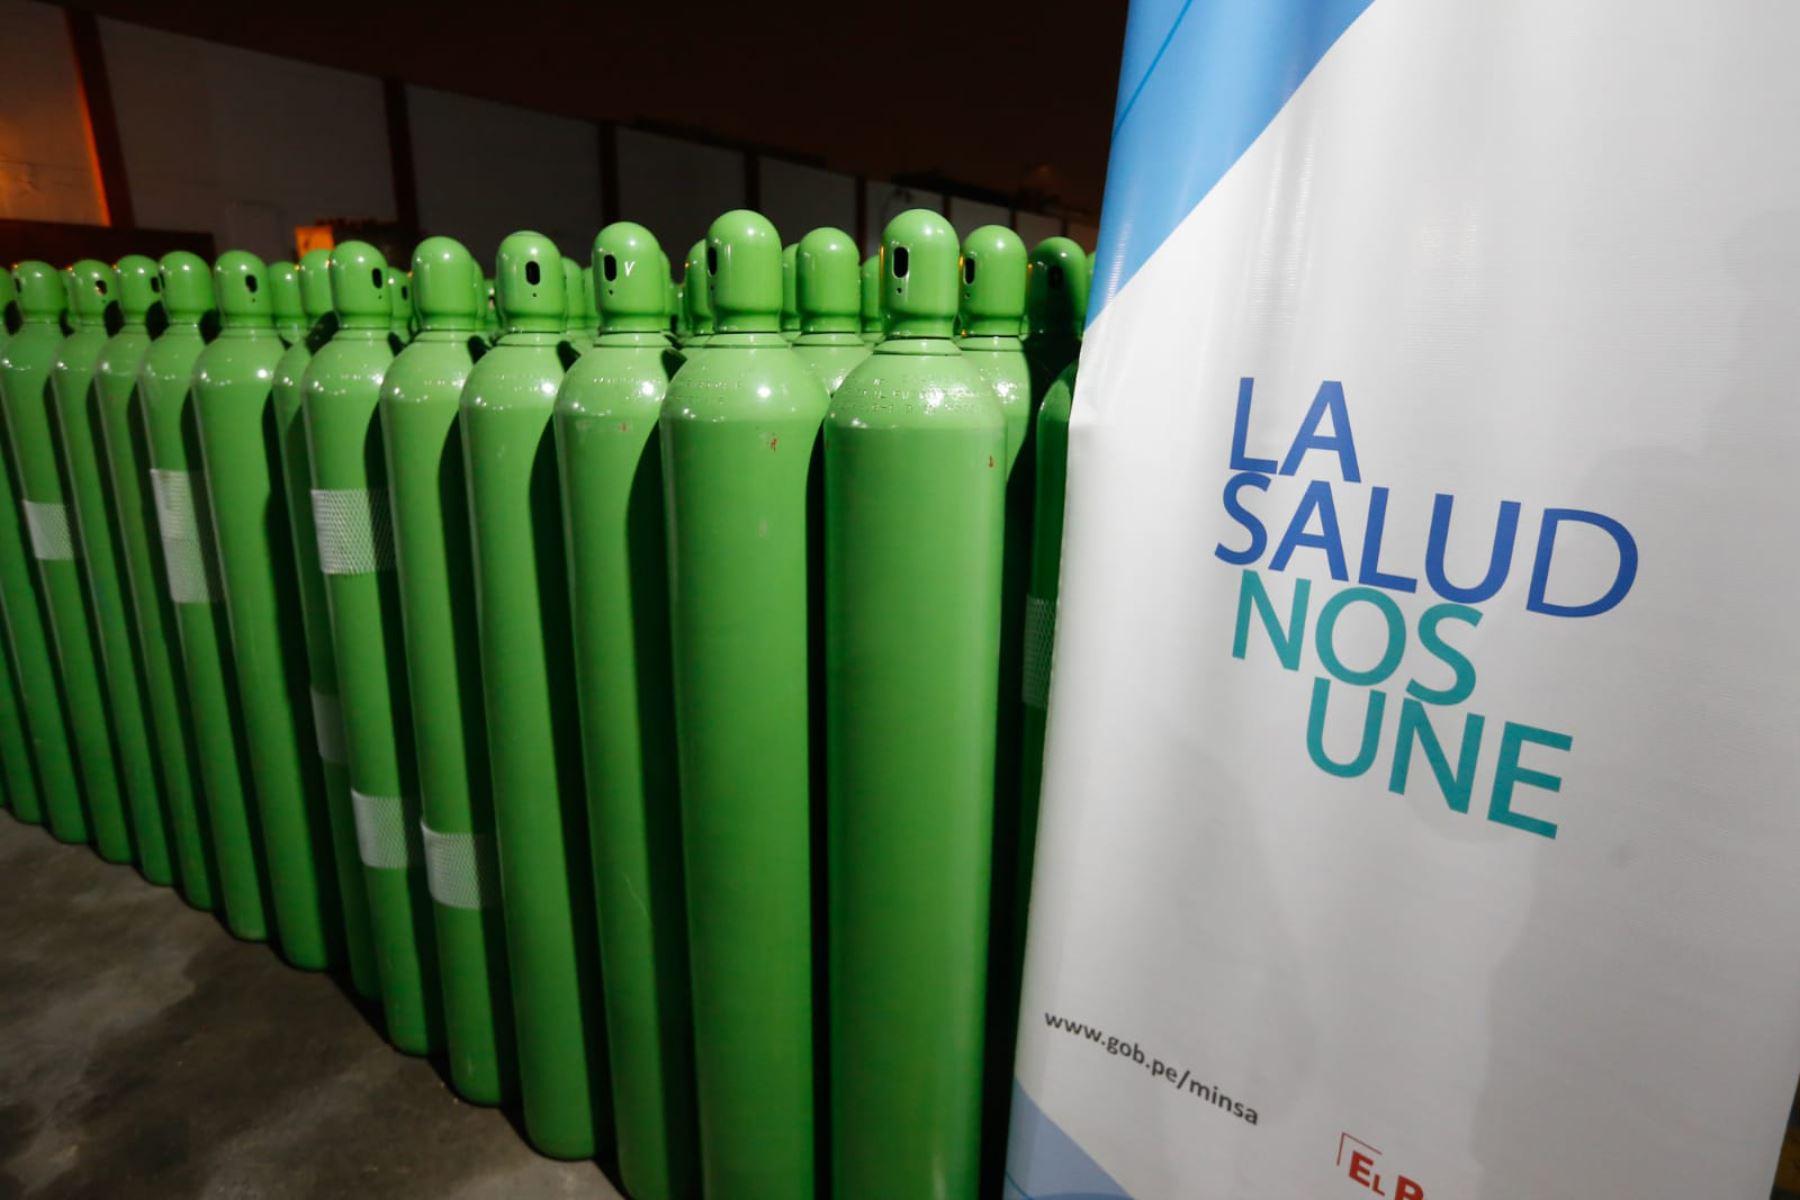 Los primeros 880 cilindros de oxígeno donados por Confiep ya se encuentran en el almacén principal del Minsa. Foto: ANDINA/Difusión